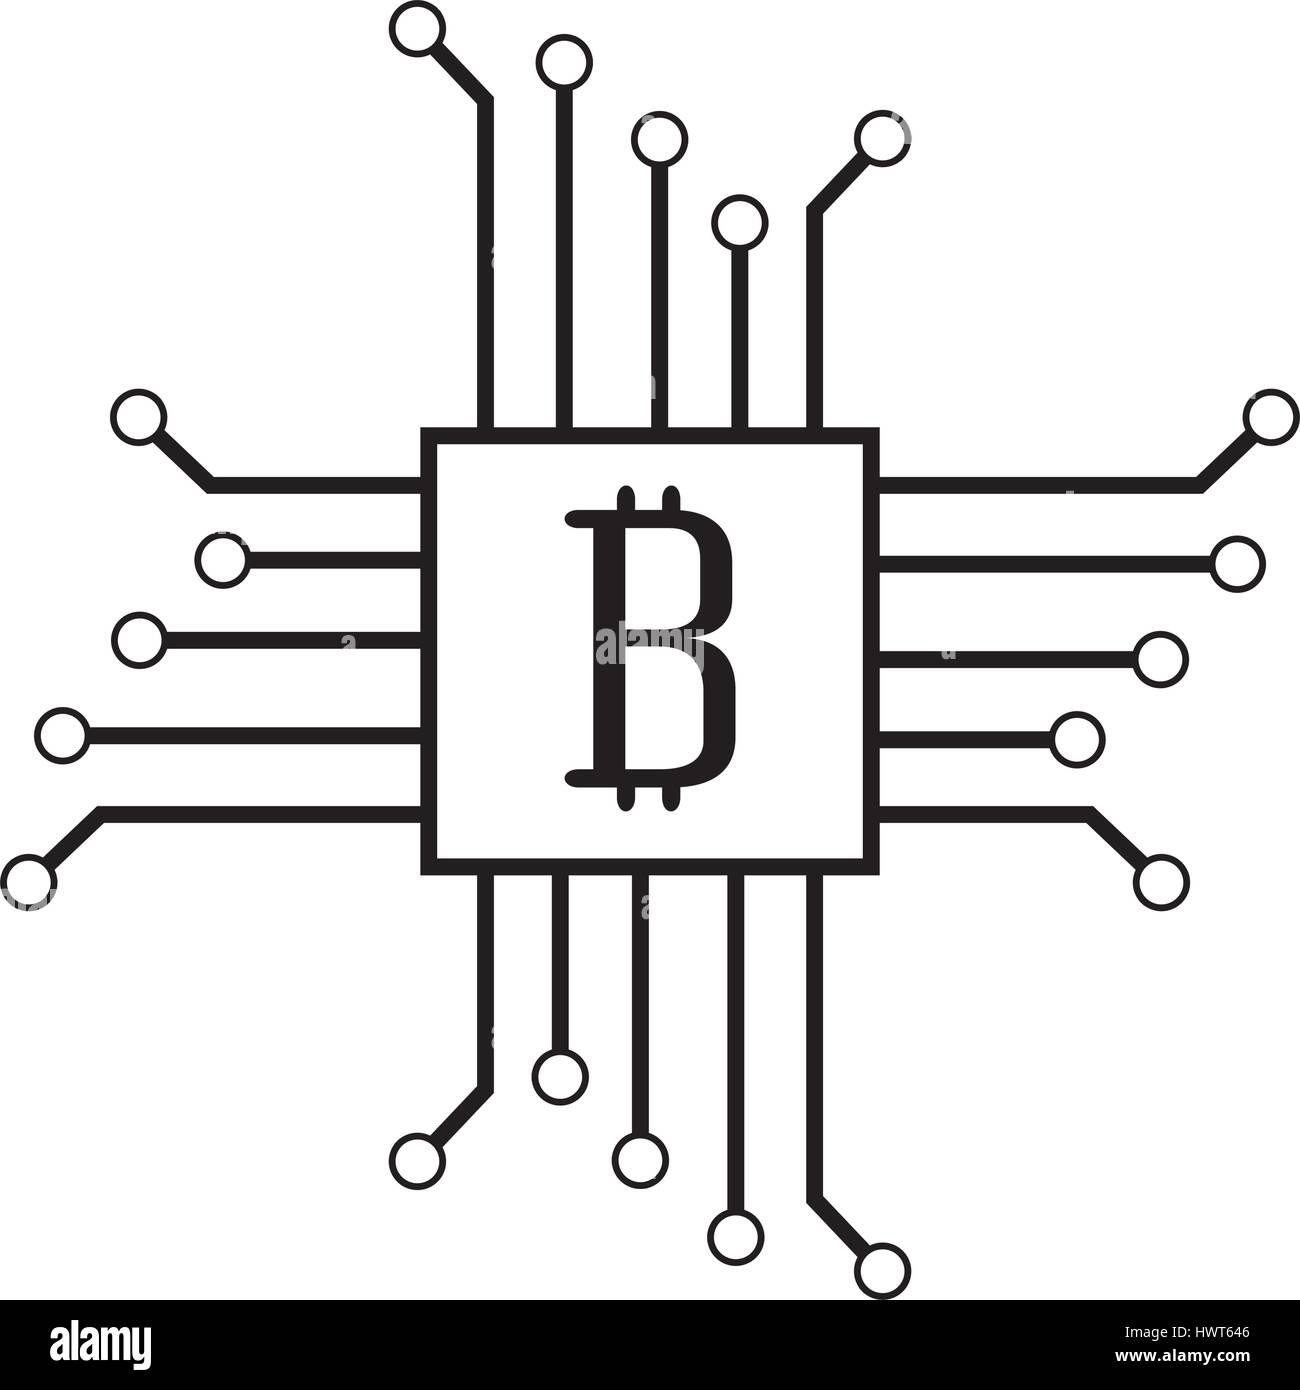 Schaltung mit Bitcoin-Symbol Stockbild